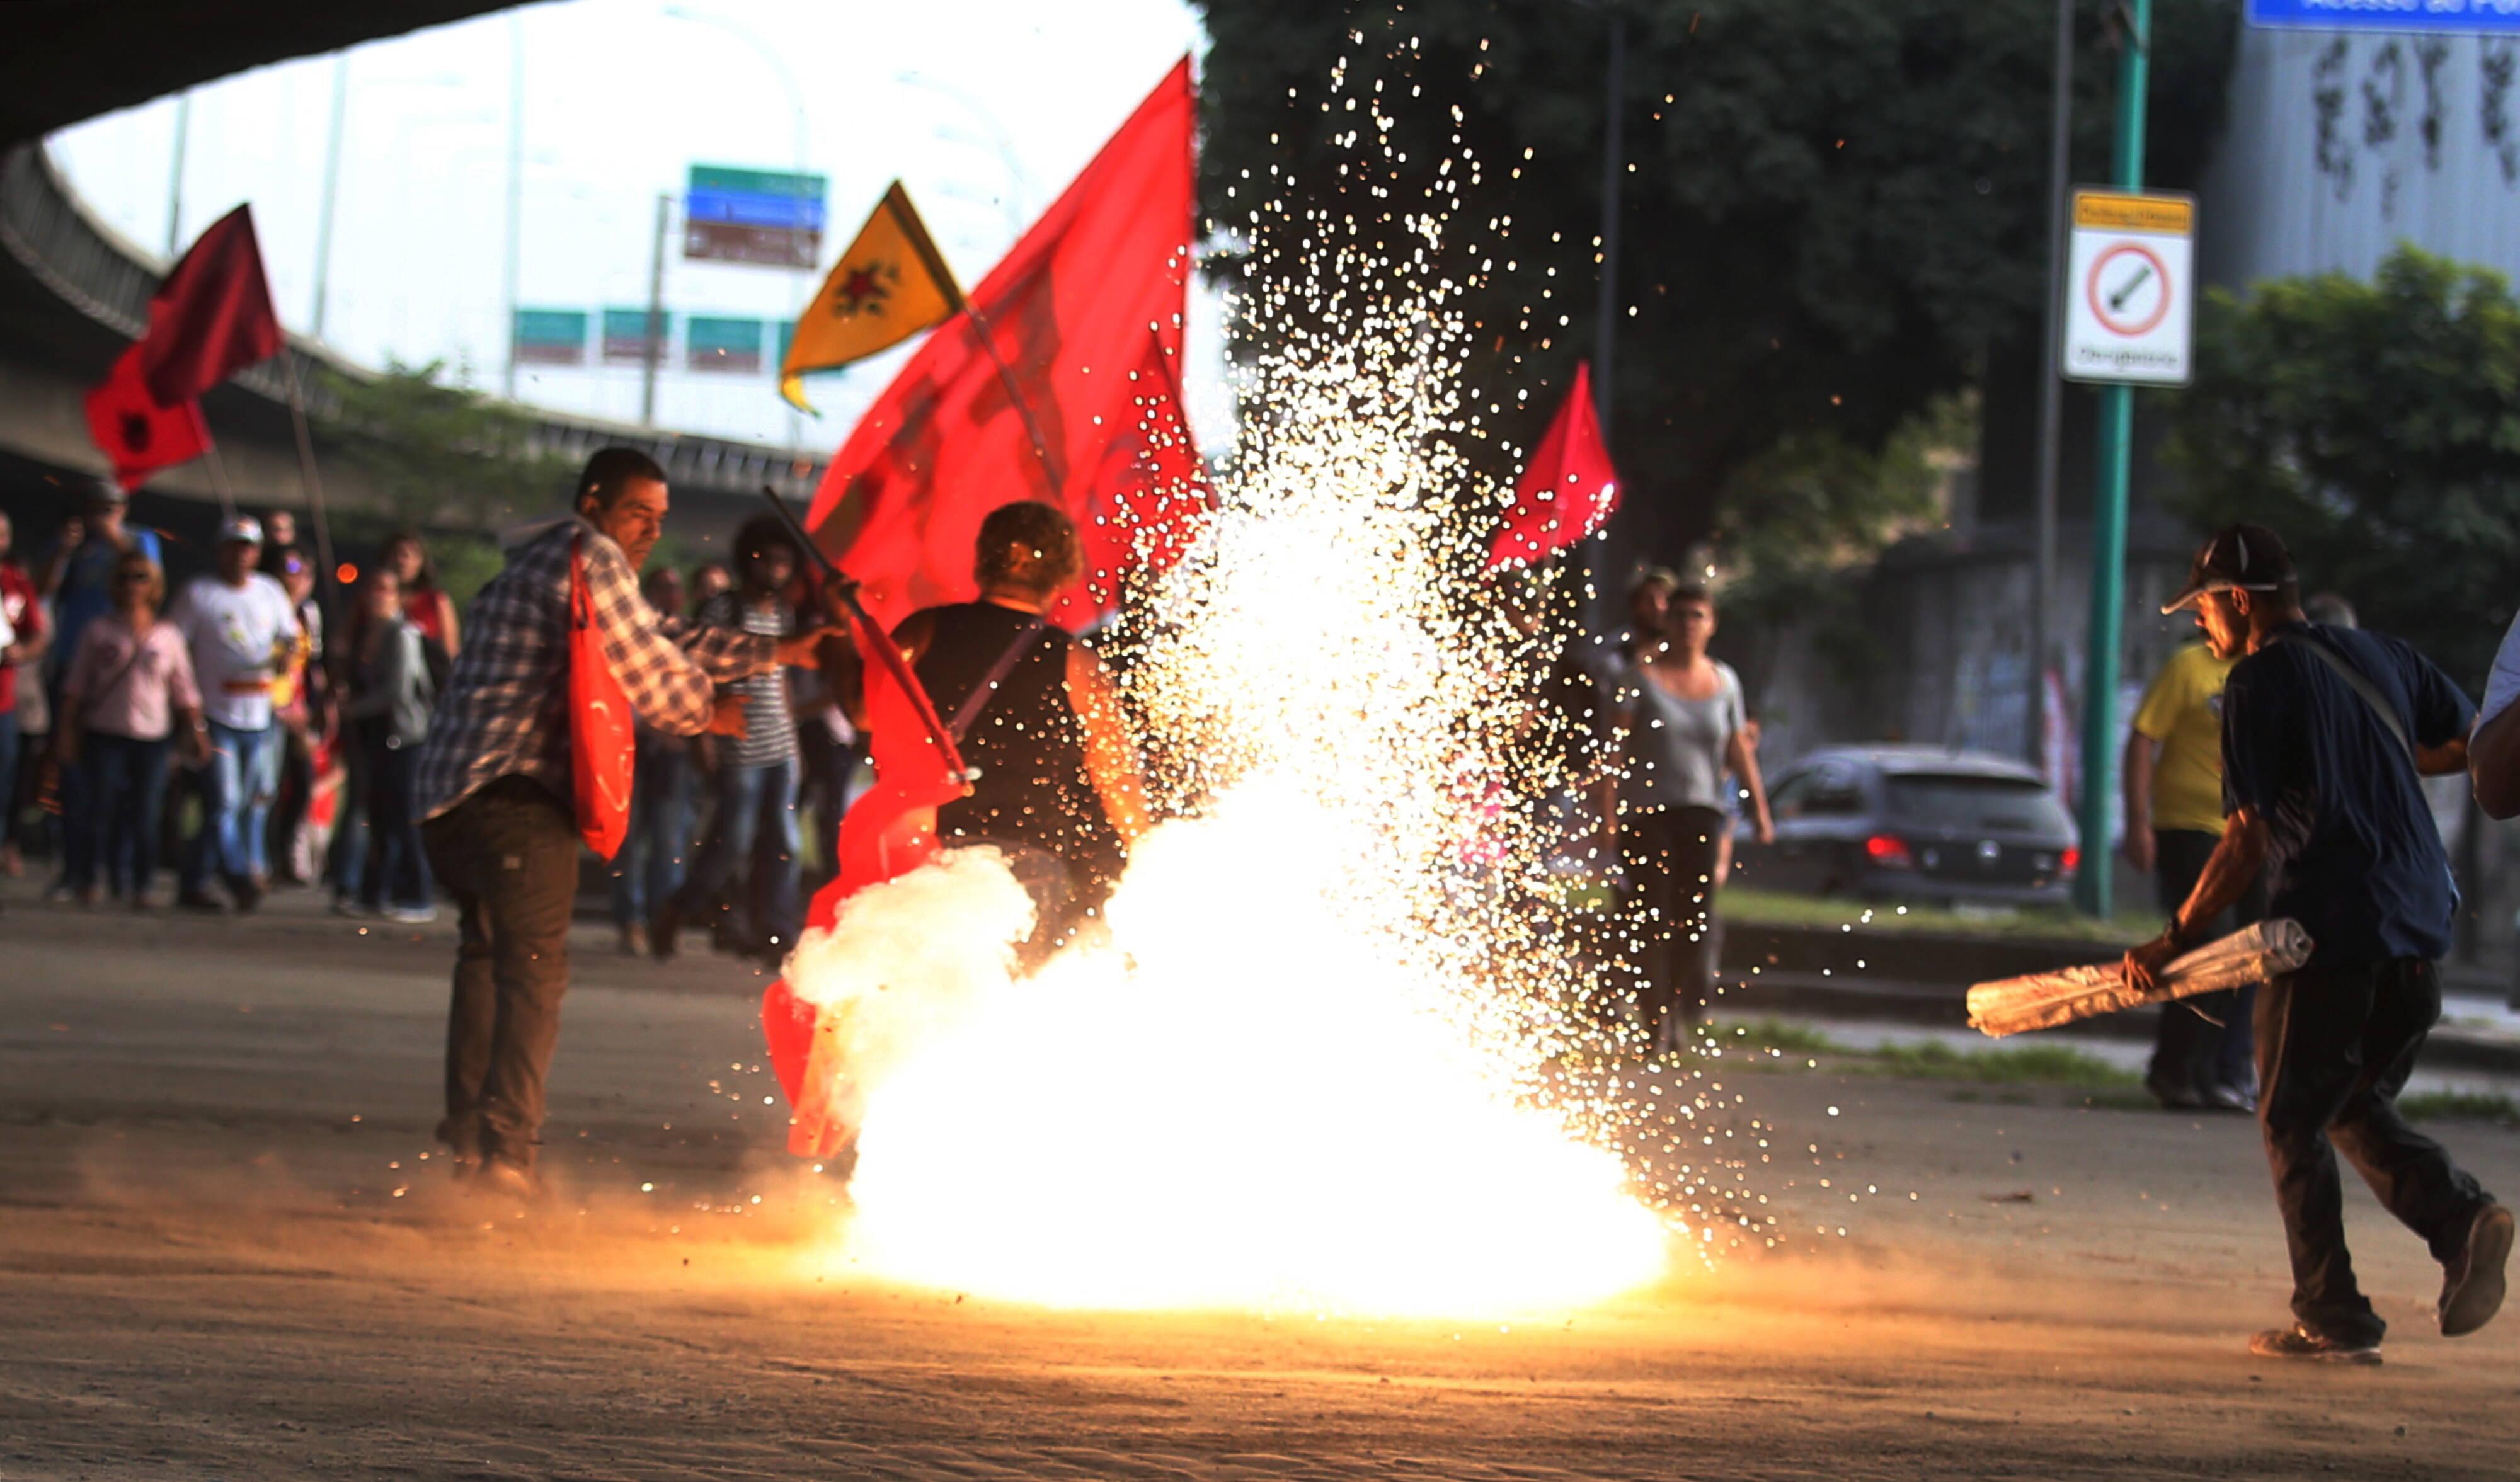 Manifestantes contrários à reforma da Previdência protestaram no Rio nesta sexta. Foto: Fabiano Rocha / Agência O Globo